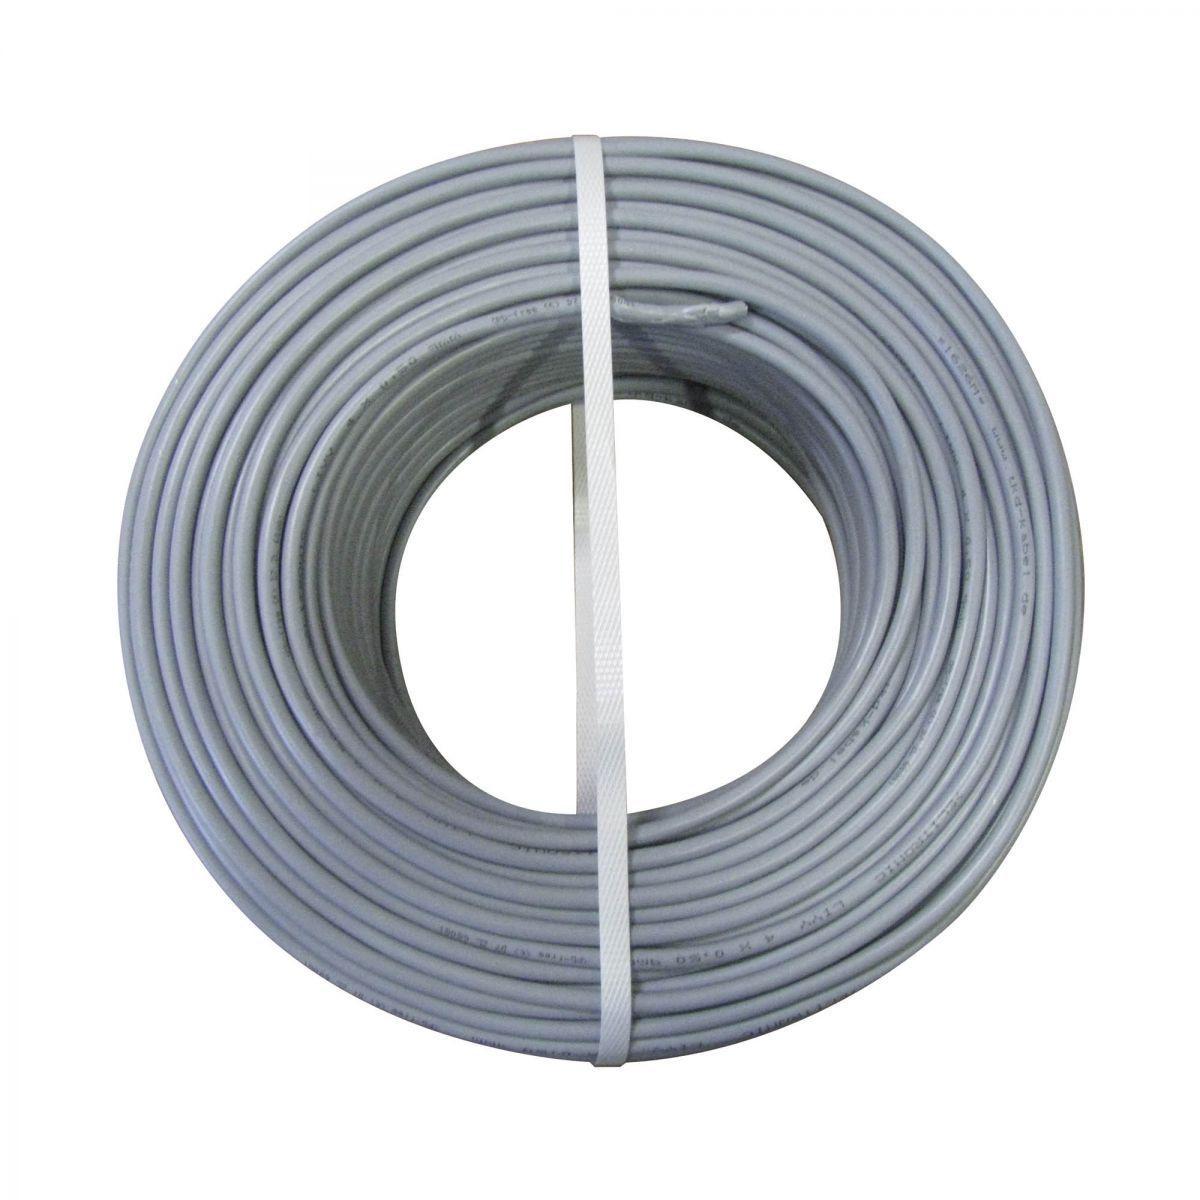 kabel 2x034 mm liyy 100 m